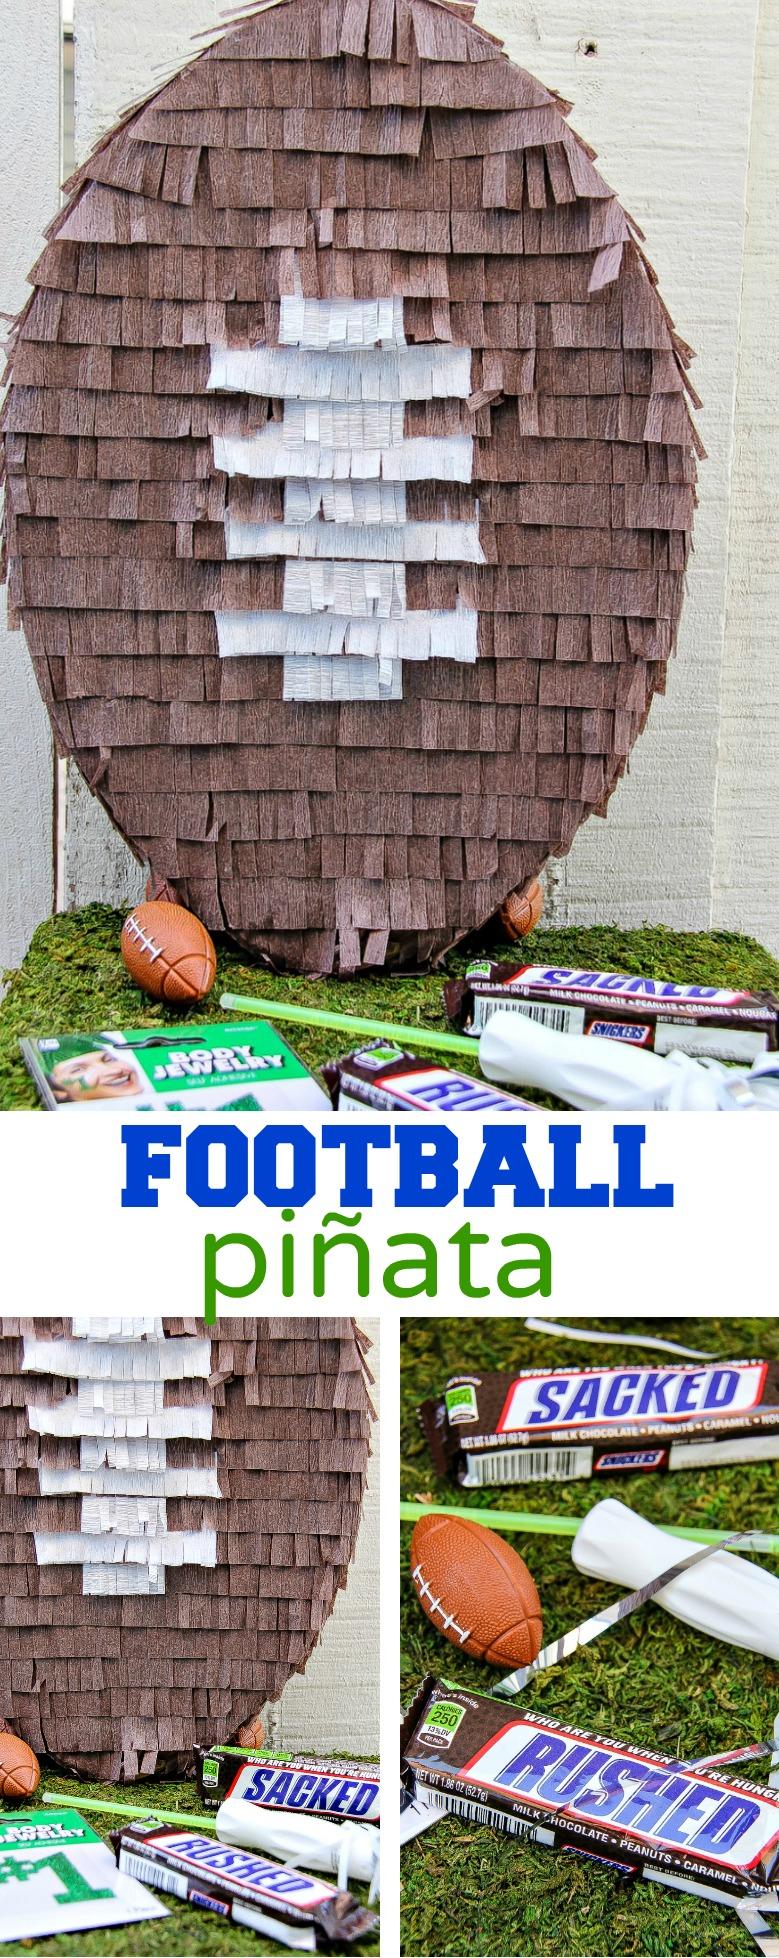 DIY pinata football Pinterest image